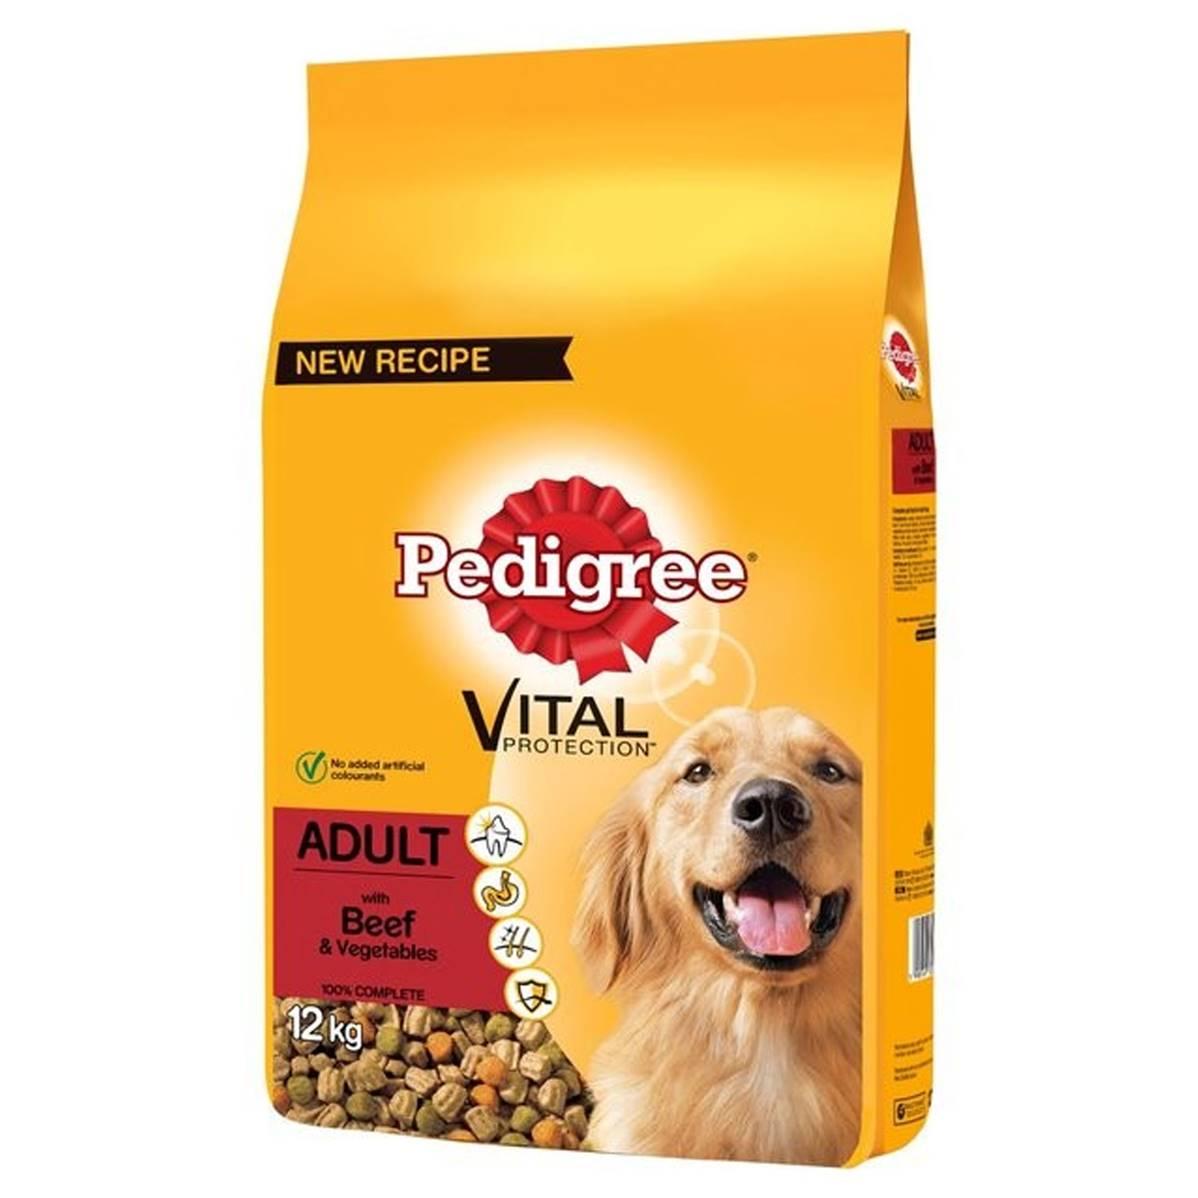 Pedigree Complete Dog Food Adult Beef 12kg